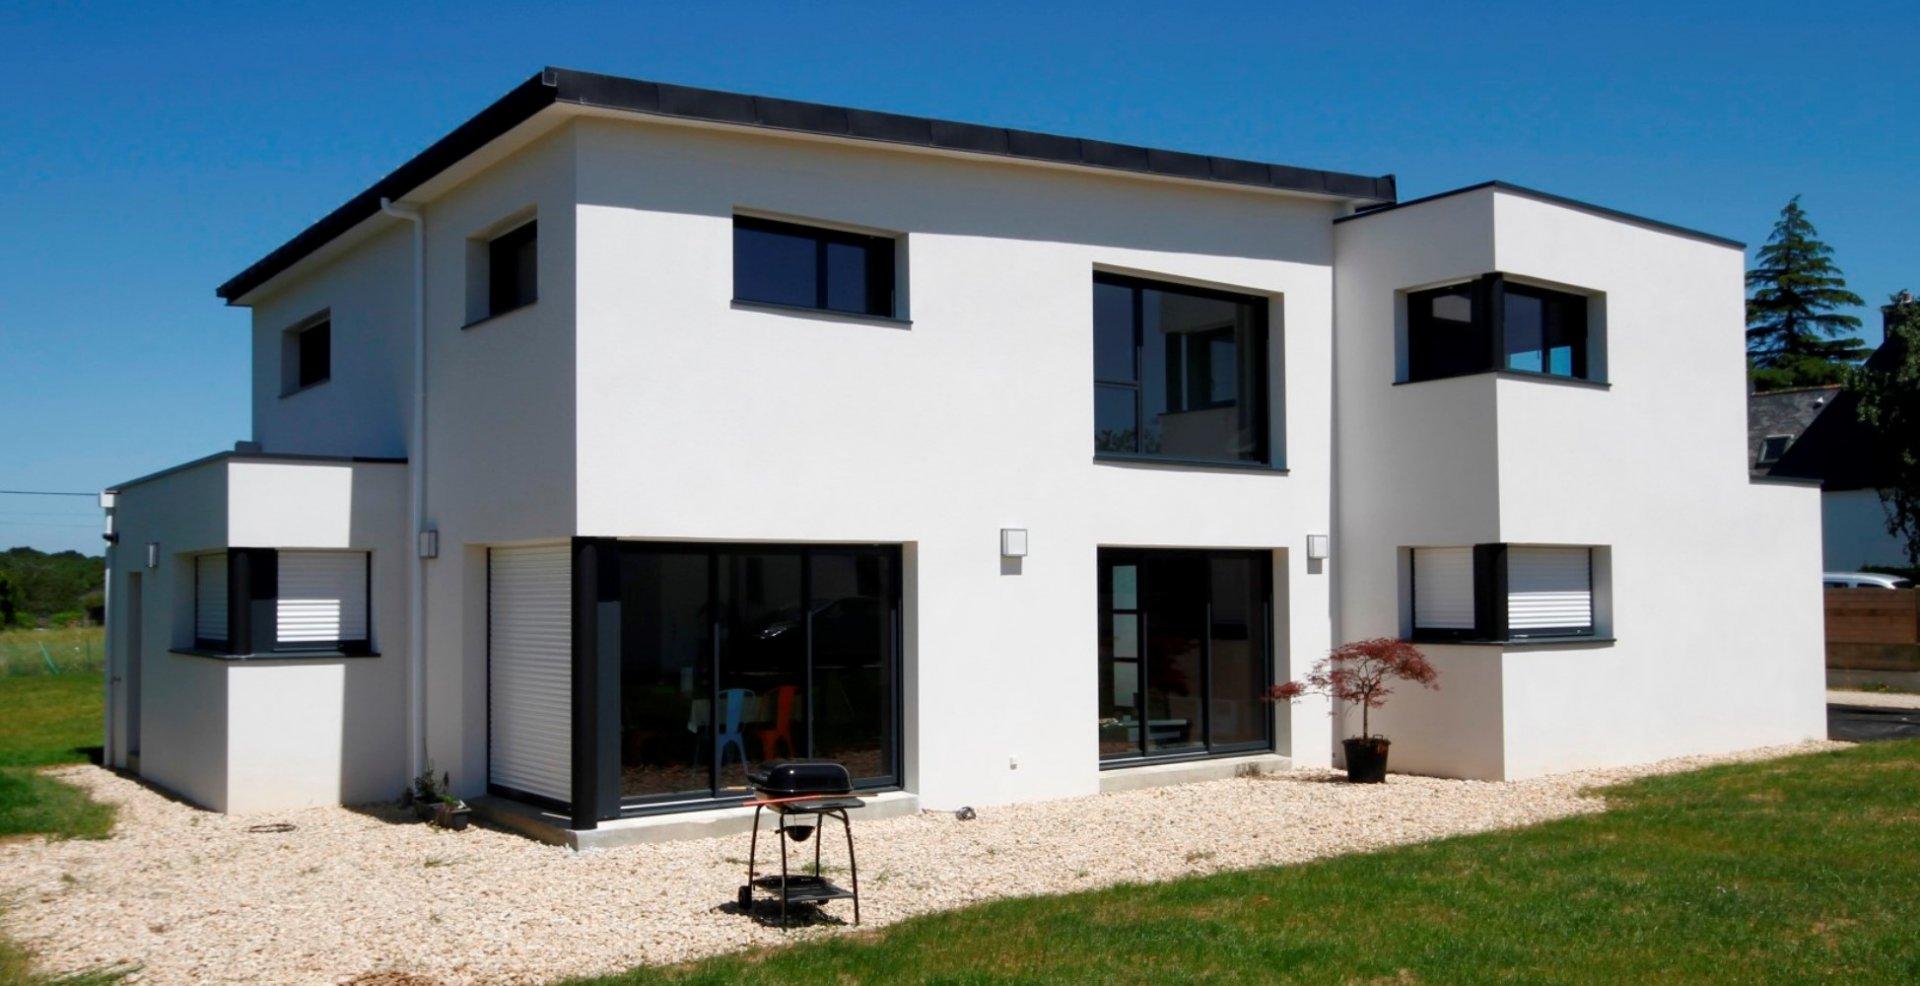 constructeur maison 55m2